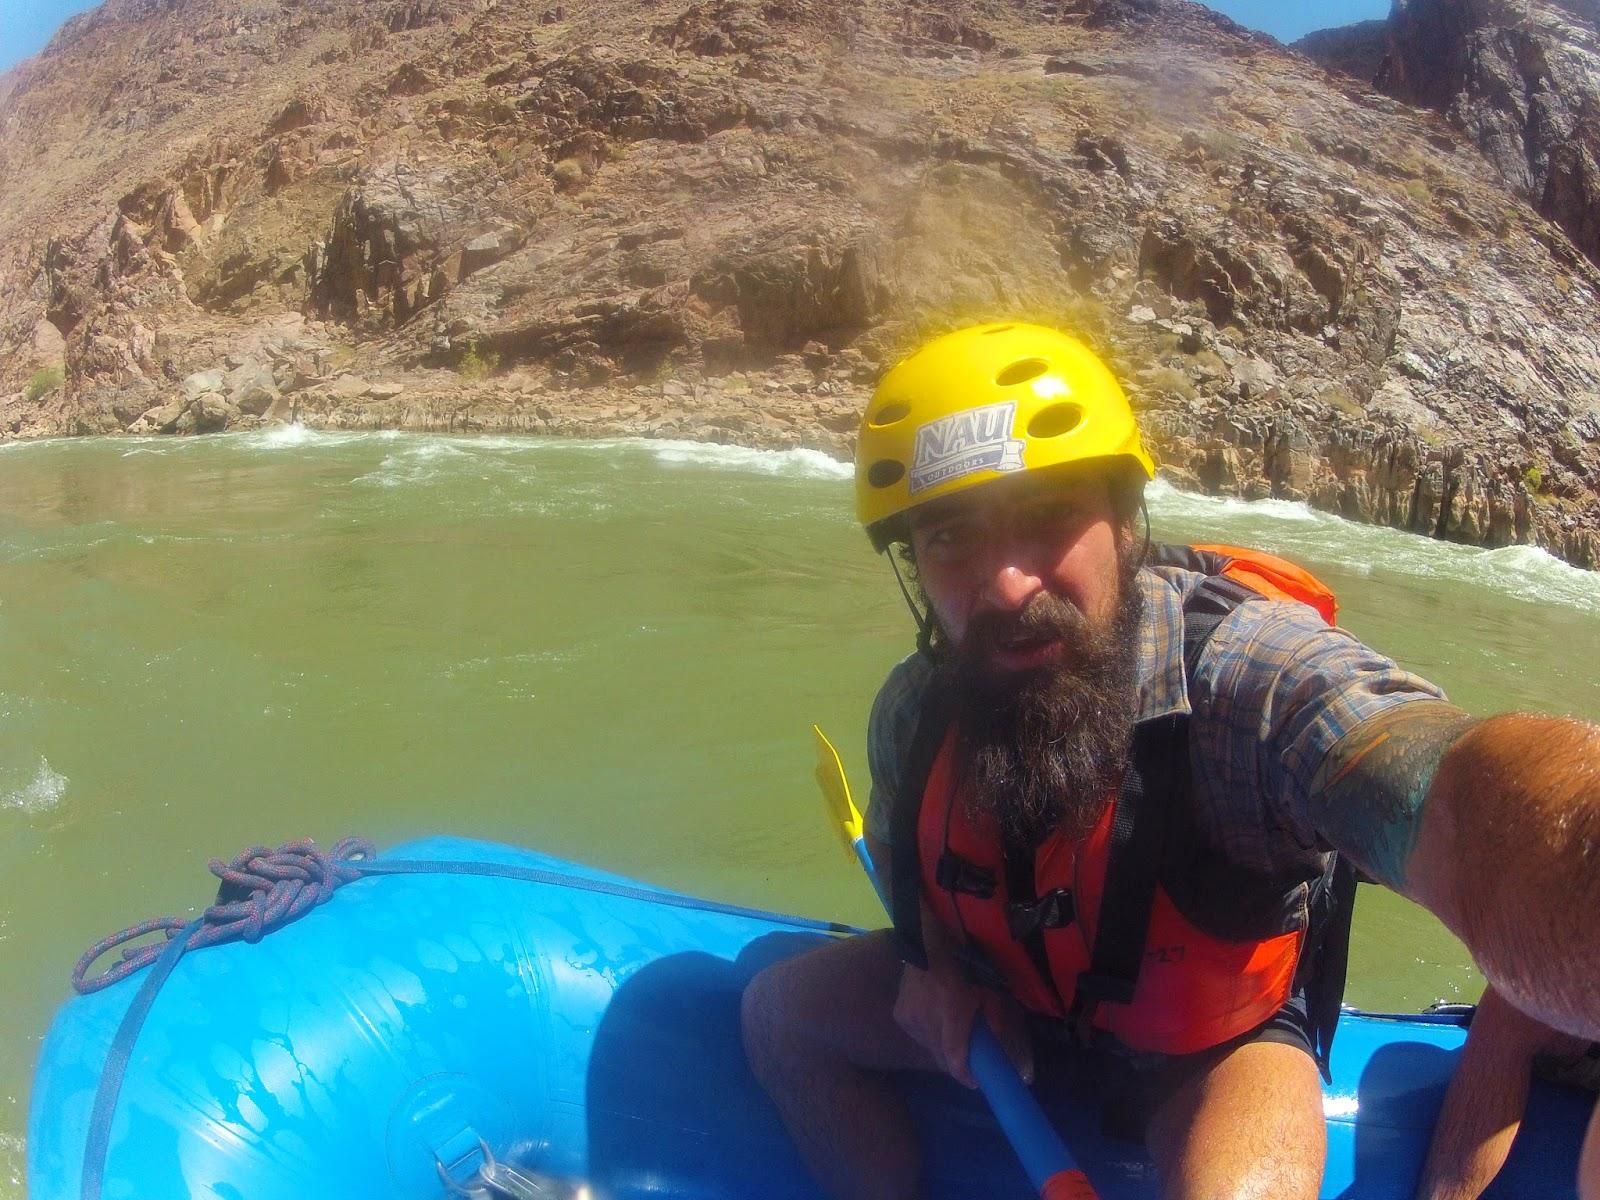 rafting selfie yellow helmet